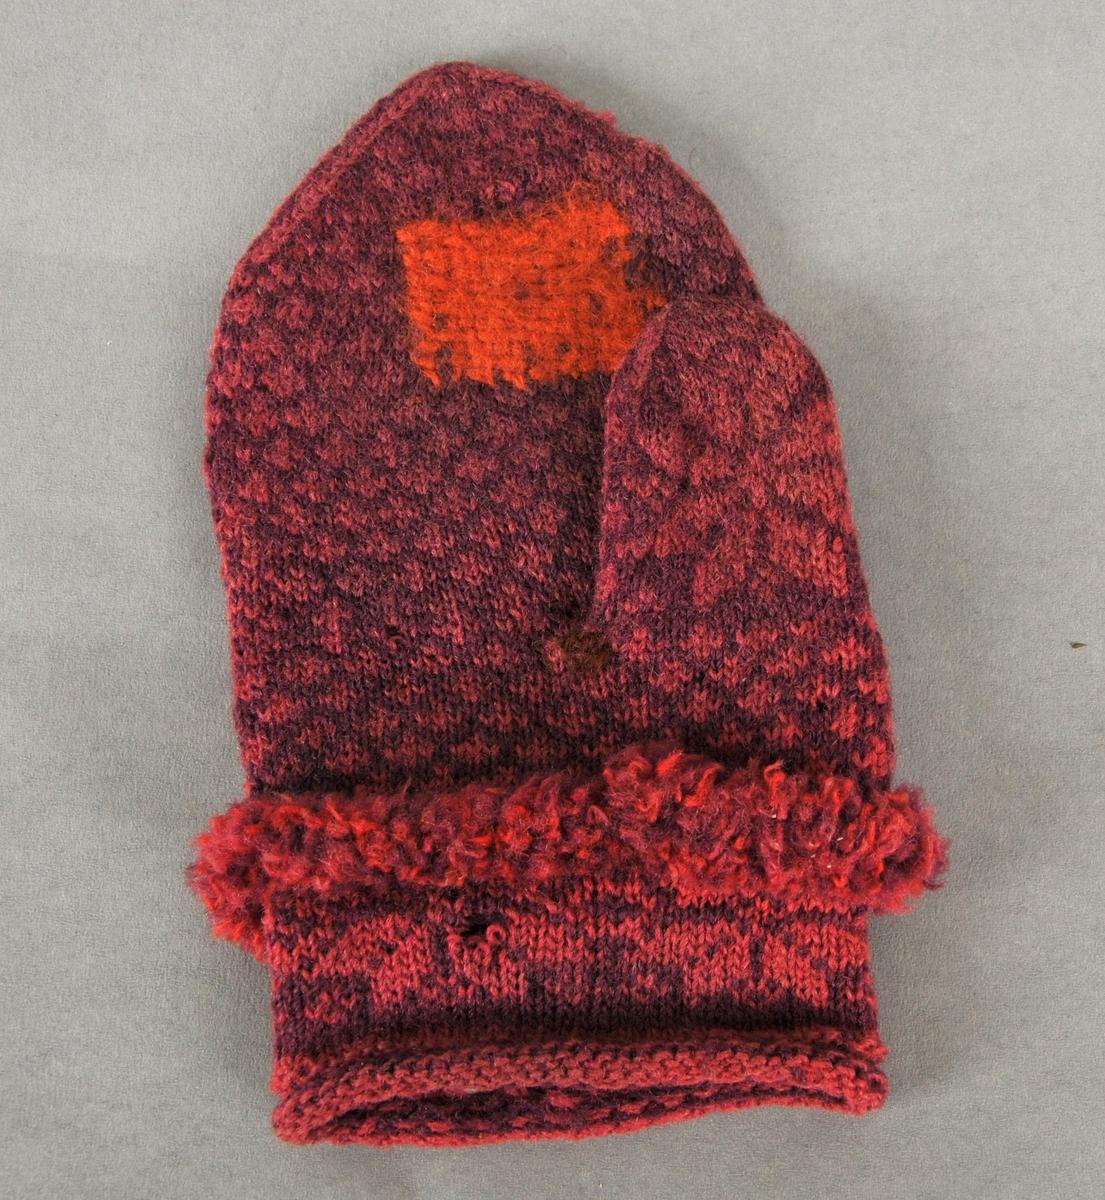 Strikka barne- eller kvinnevott i tynt, 2 tråds, fiolett og rosa ullgarn. Fire masker pr cm. Åttebladroser på handbaken, rundt handledd og på tommelen. Stoppa med orange og brunt ullgarn. Flosskant rundt handleen.